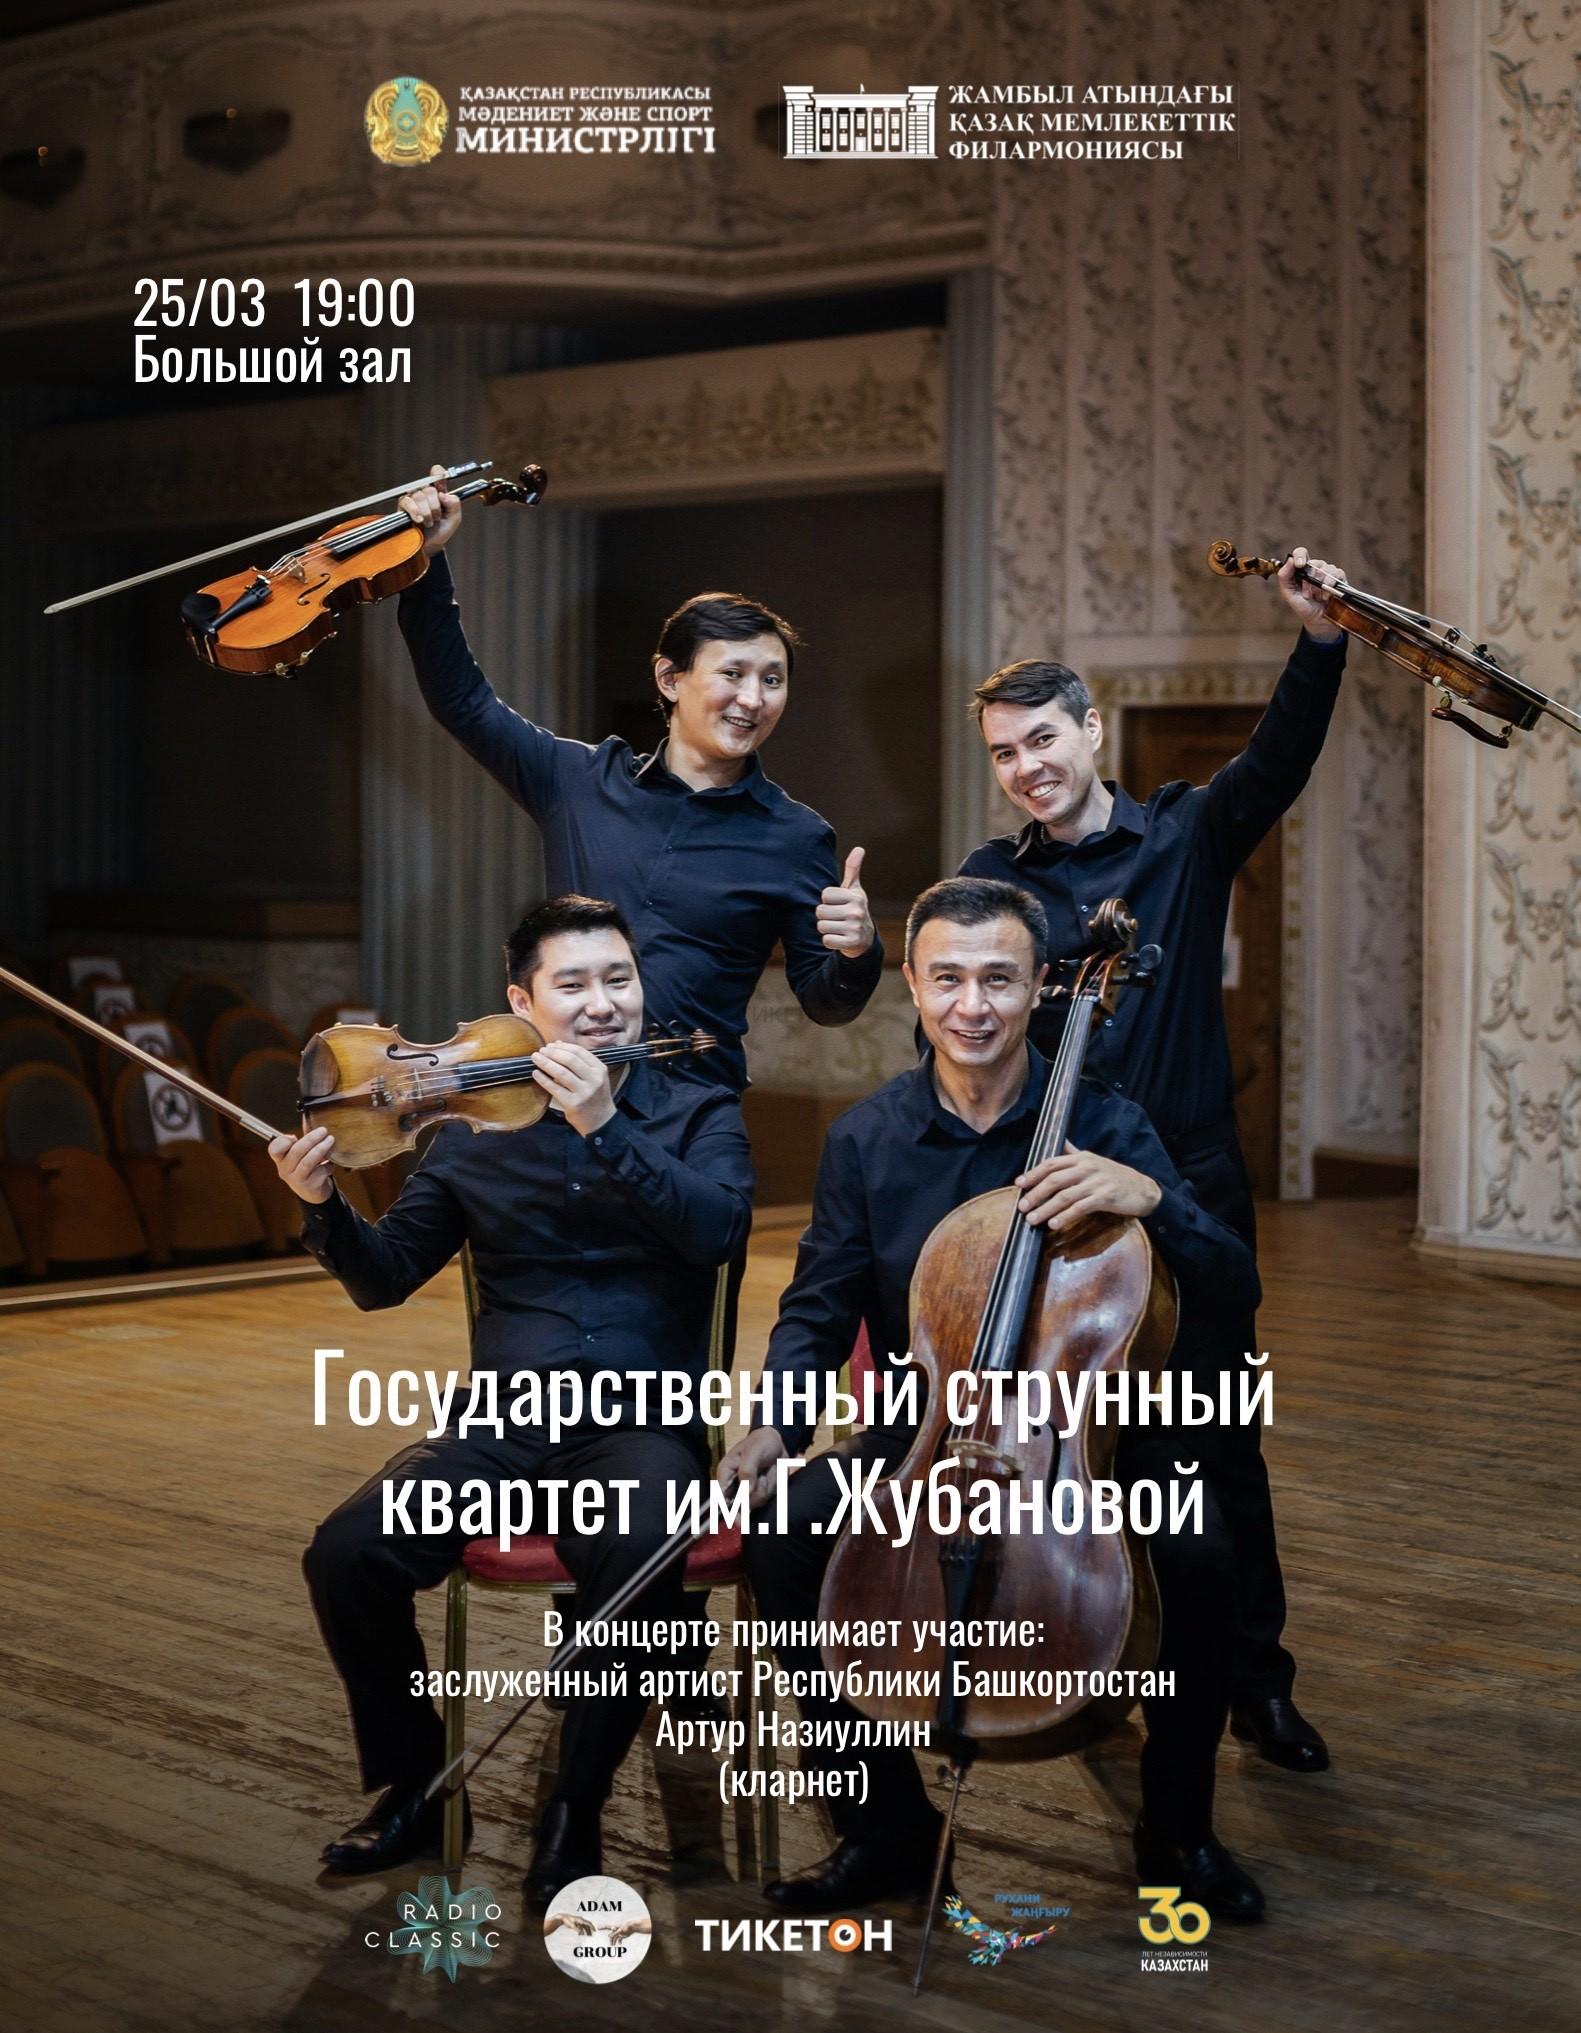 Государственный струнный квартет им.Г.Жубановой